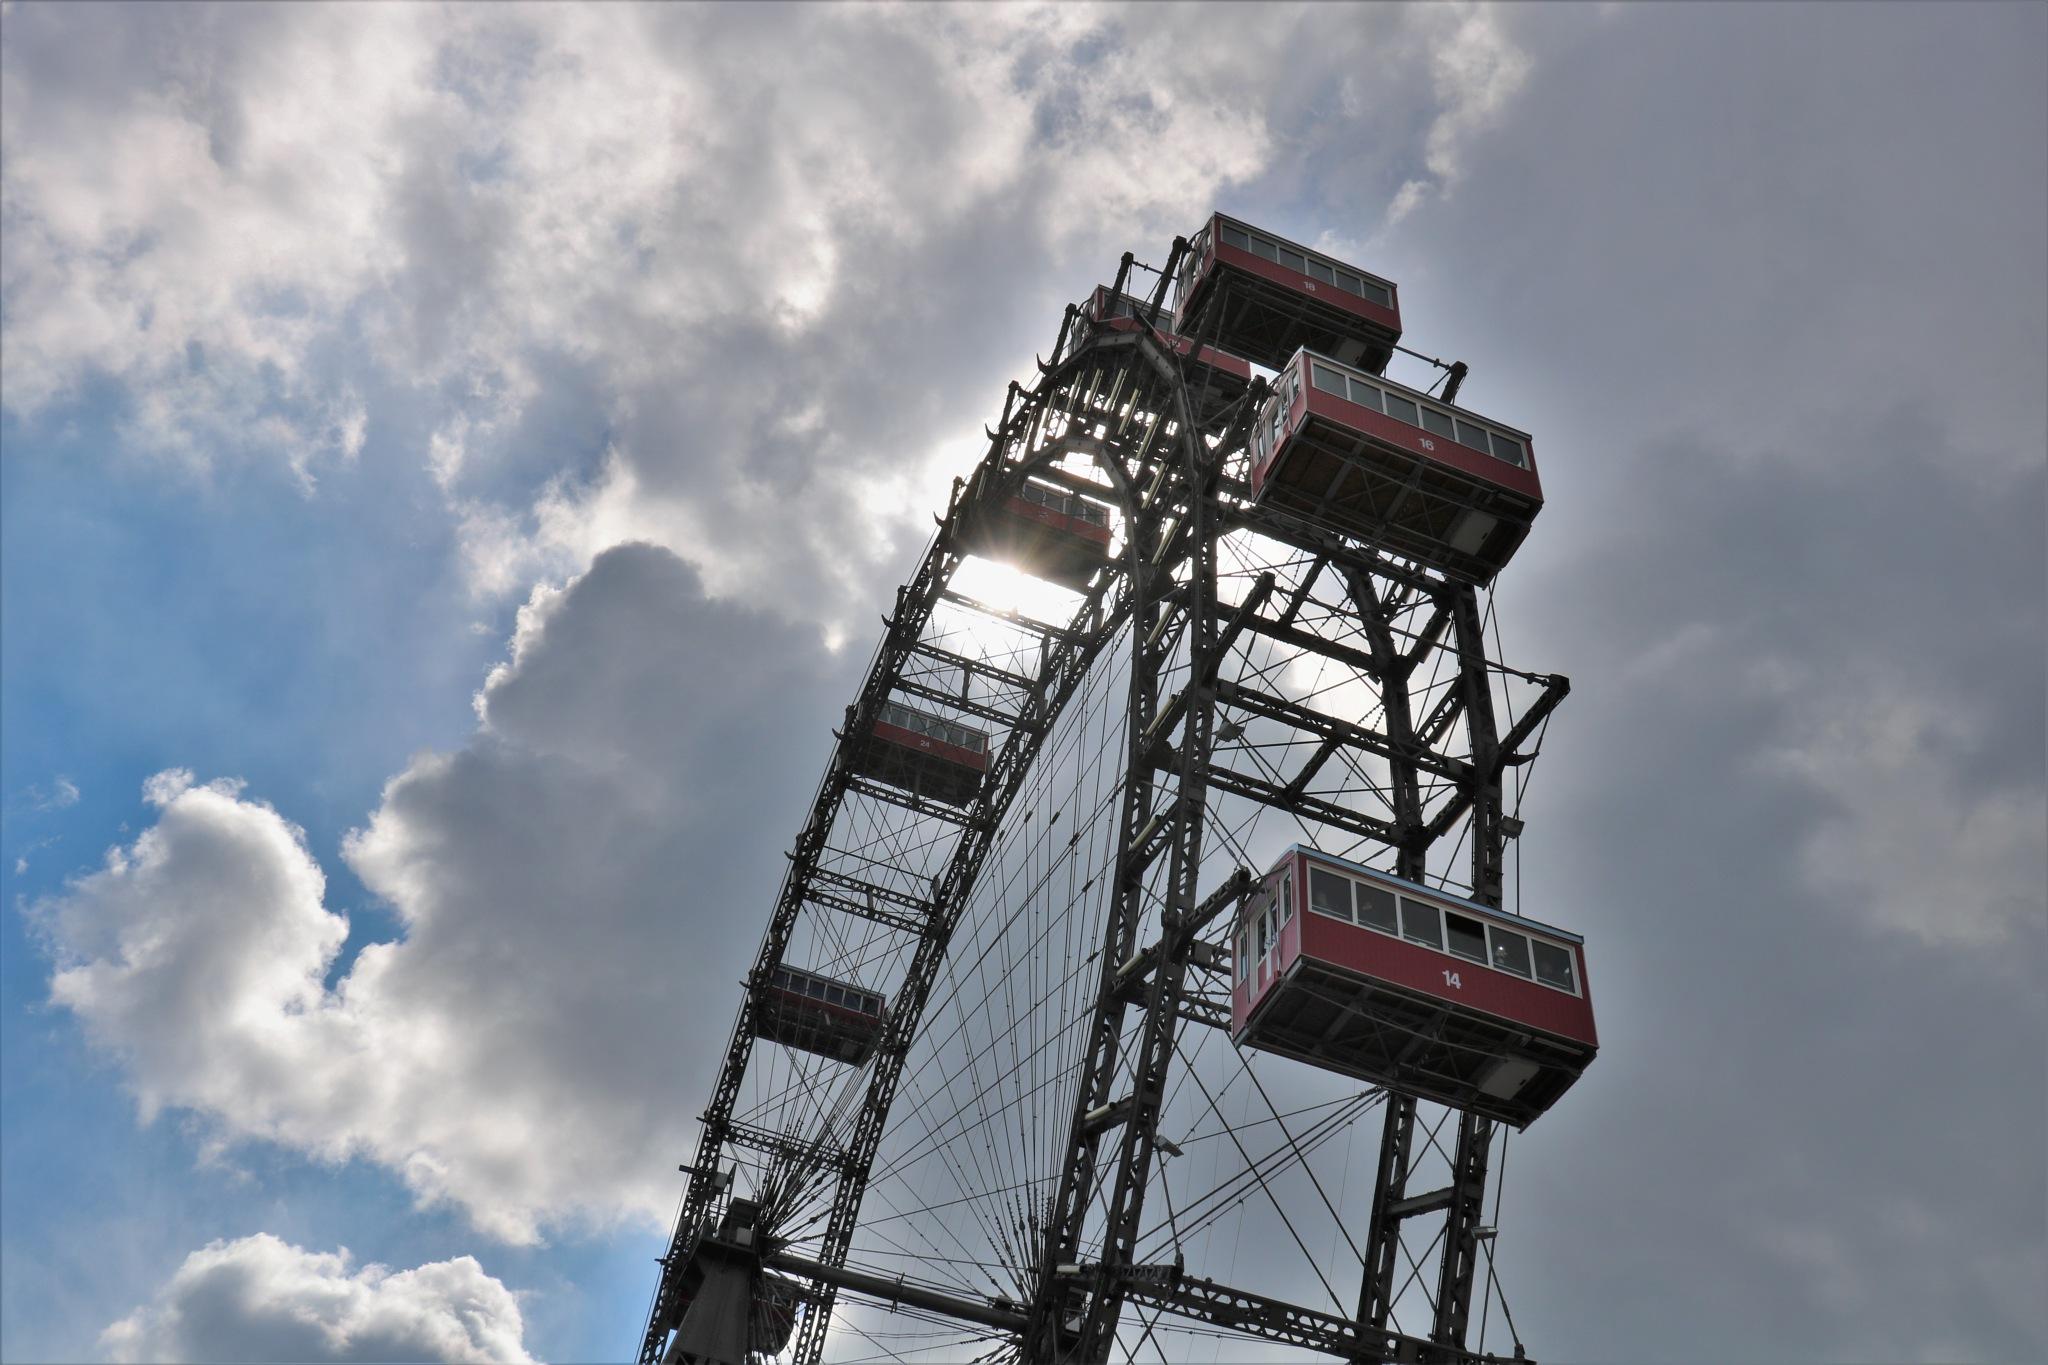 Prater Wien - Riesenrad - Ferris wheel by pinibit